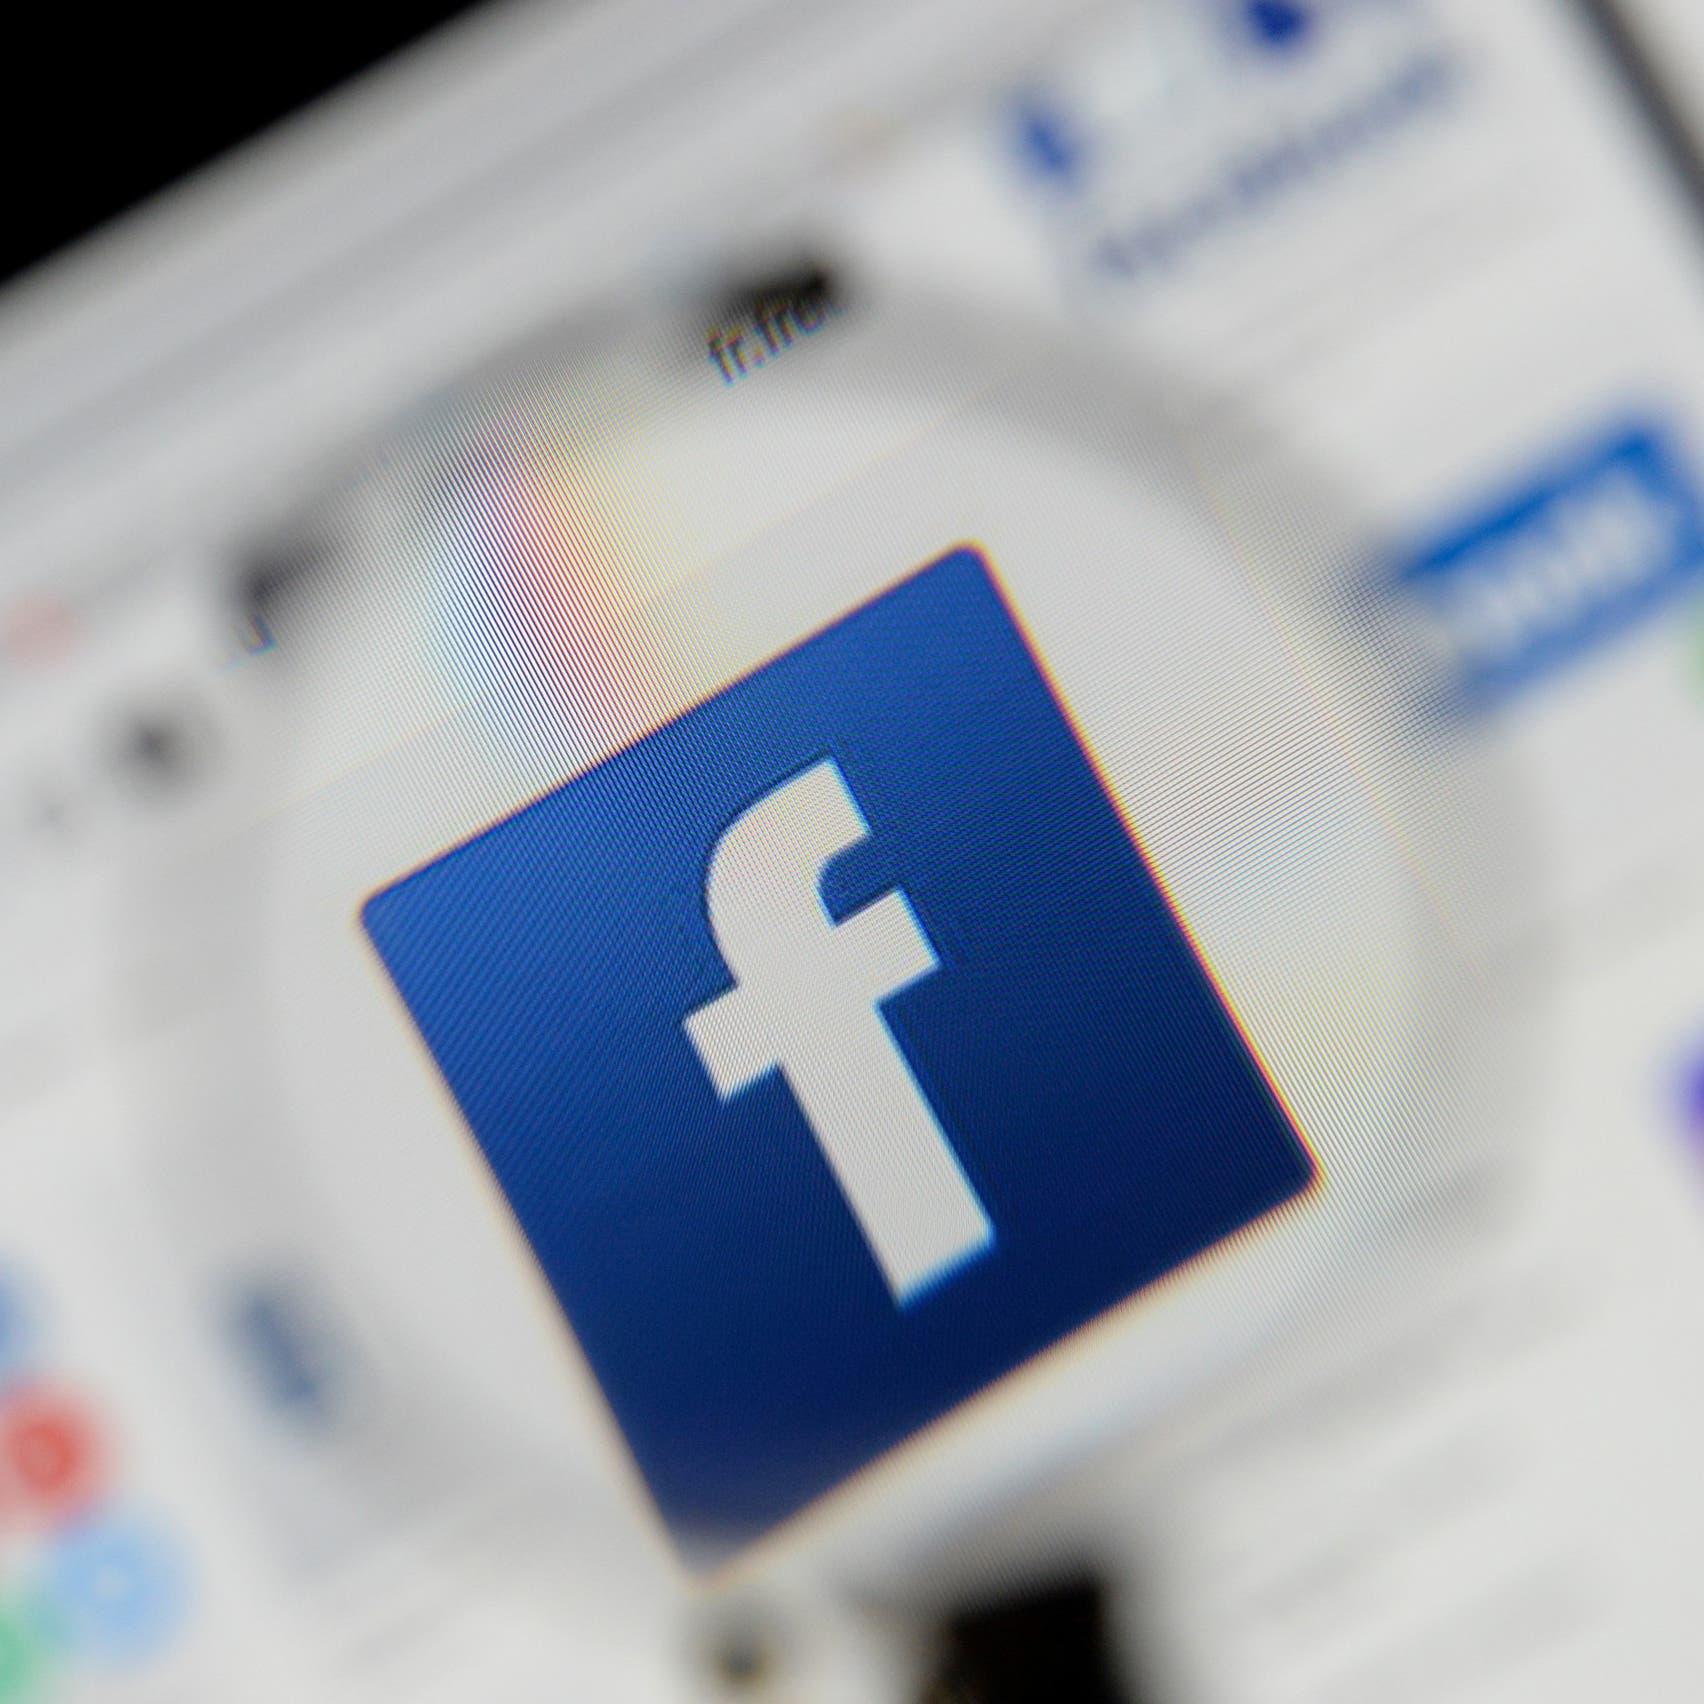 فيسبوك يطلق خدمة جديدة لمنافسة Clubhouse وتويتر